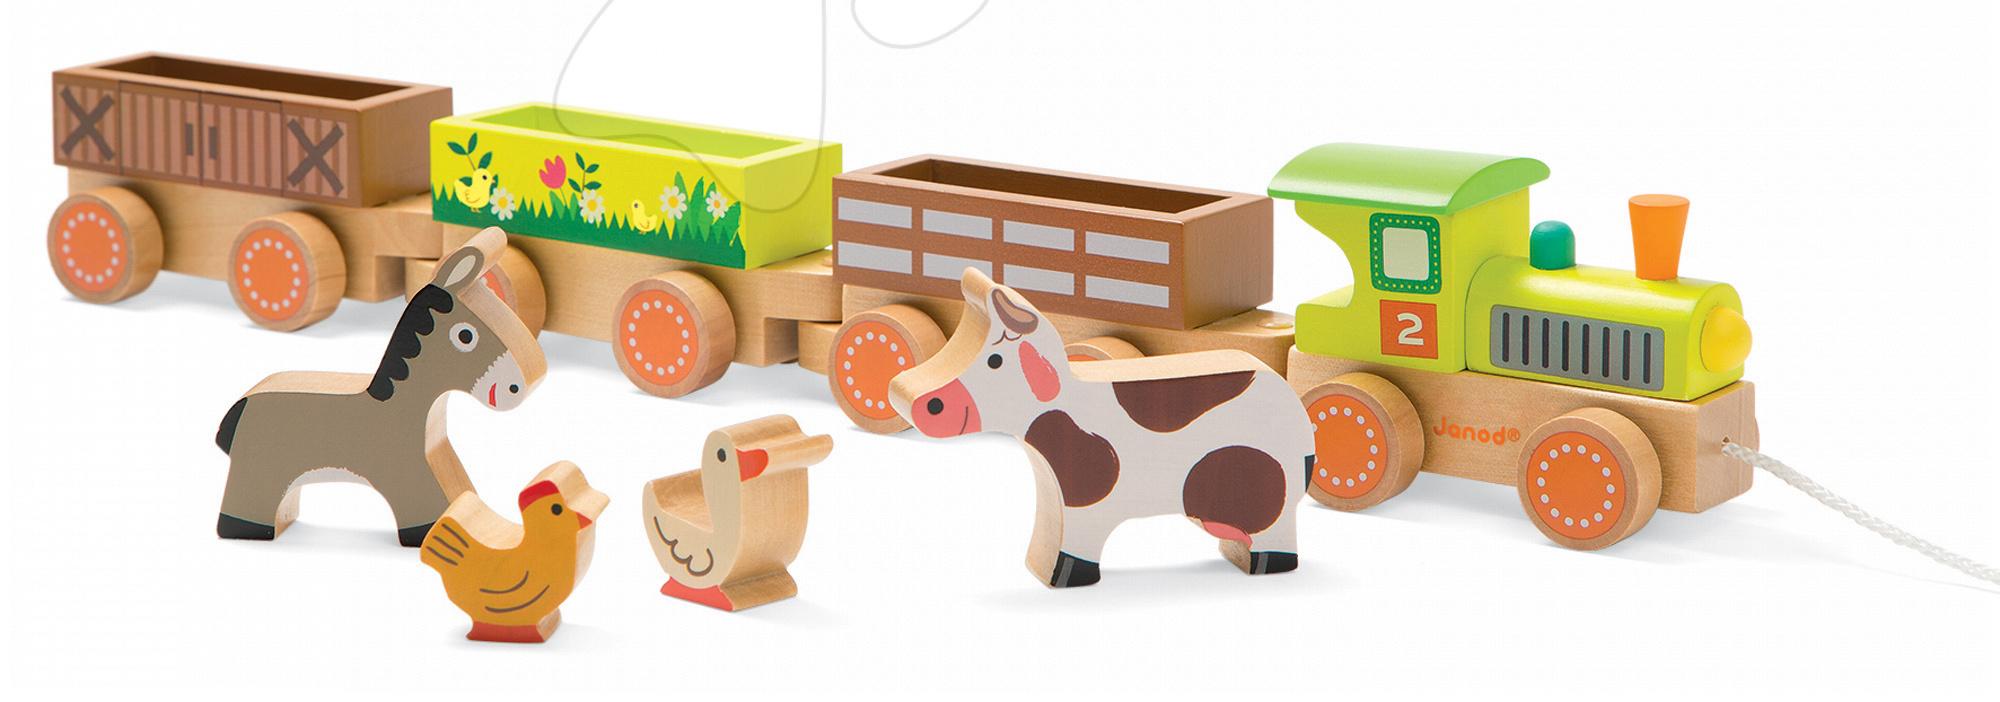 Dřevěný vláček Farma Story Set Janod se 4 zvířátky od 18 měsíců